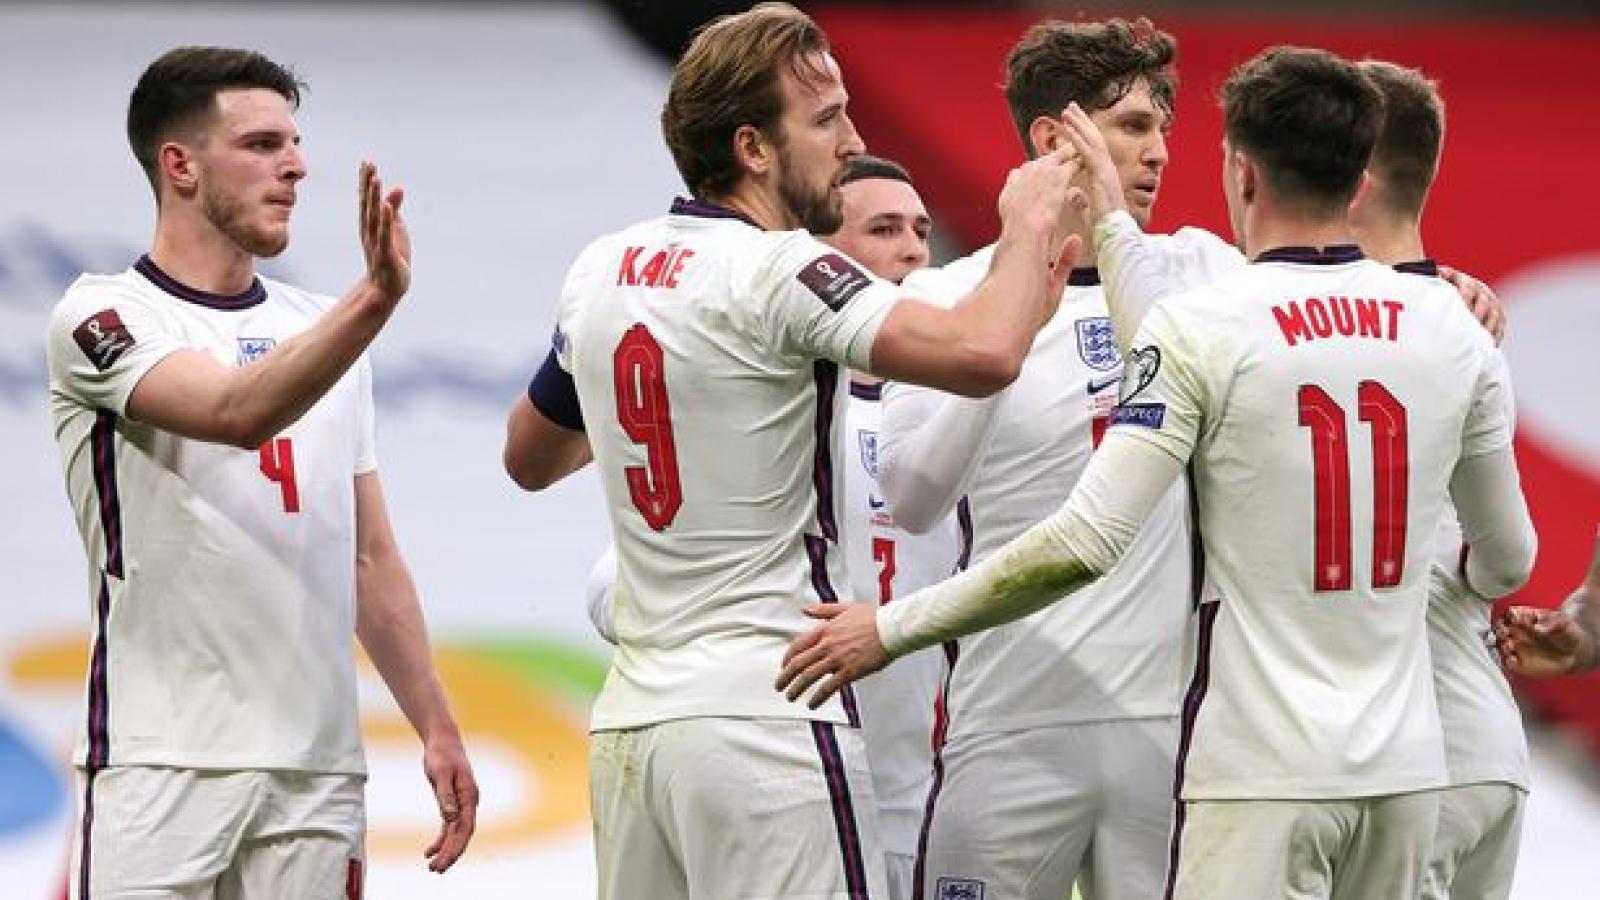 Góc BLV: ĐT Anh mạnh, nhưng cần thận trọng trước Croatia và Scotland